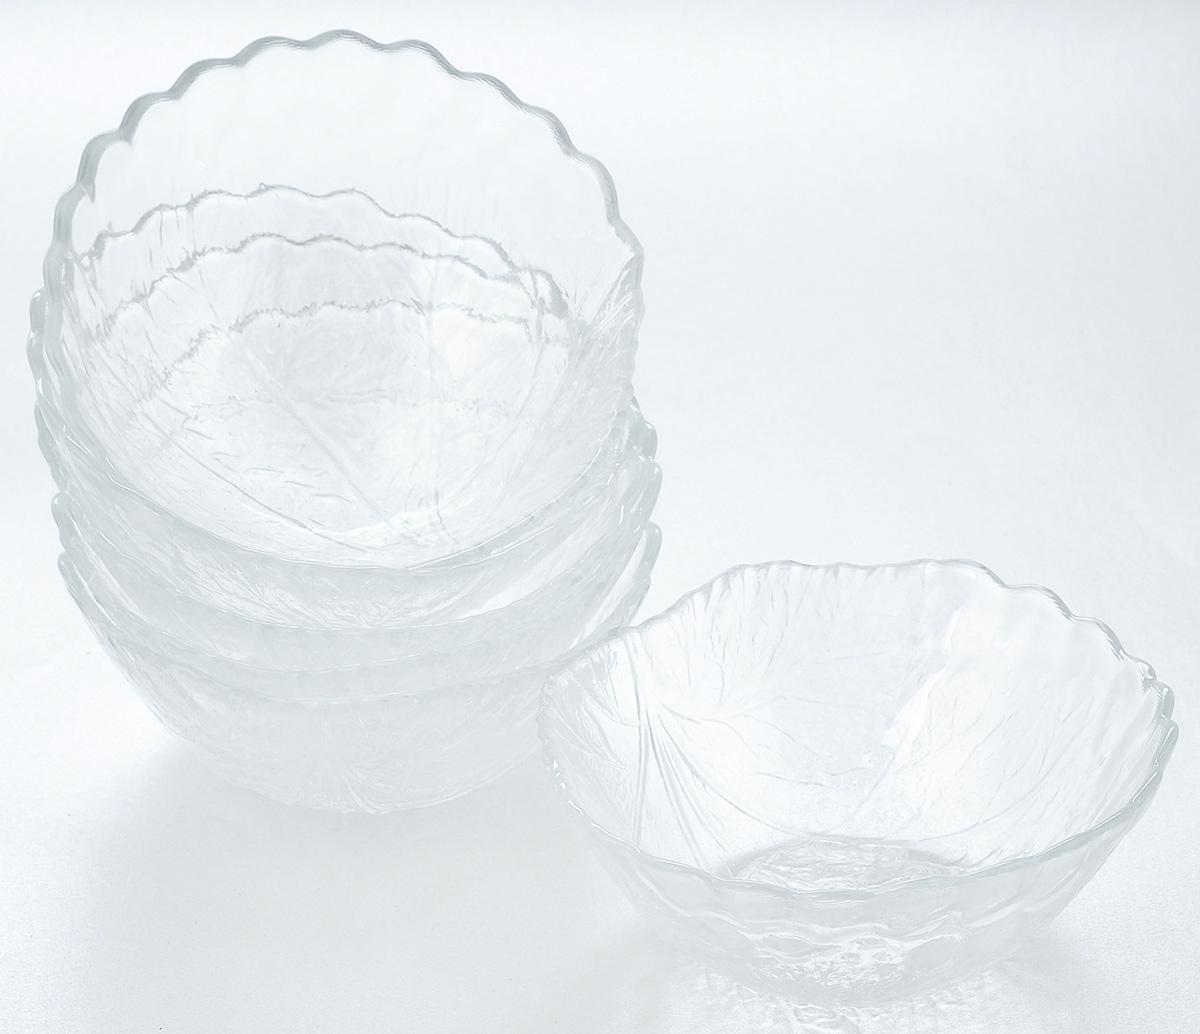 Набор салатников Pasabahce Султана, диаметр 12 см, 6 шт10286BНабор Pasabahce Султана состоит из 6 салатников, выполненных из высококачественного натрий-кальций-силикатного стекла. Такие салатники прекрасно подойдут для сервировки стола и станут достойным оформлением для ваших любимых блюд. Высокое качество и функциональность набора позволят ему стать достойным дополнением к вашему кухонному инвентарю. Можно мыть в посудомоечной машине и использовать в СВЧ. Диаметр салатника (по верхнему краю): 12 см. Высота салатника: 4,5 см.